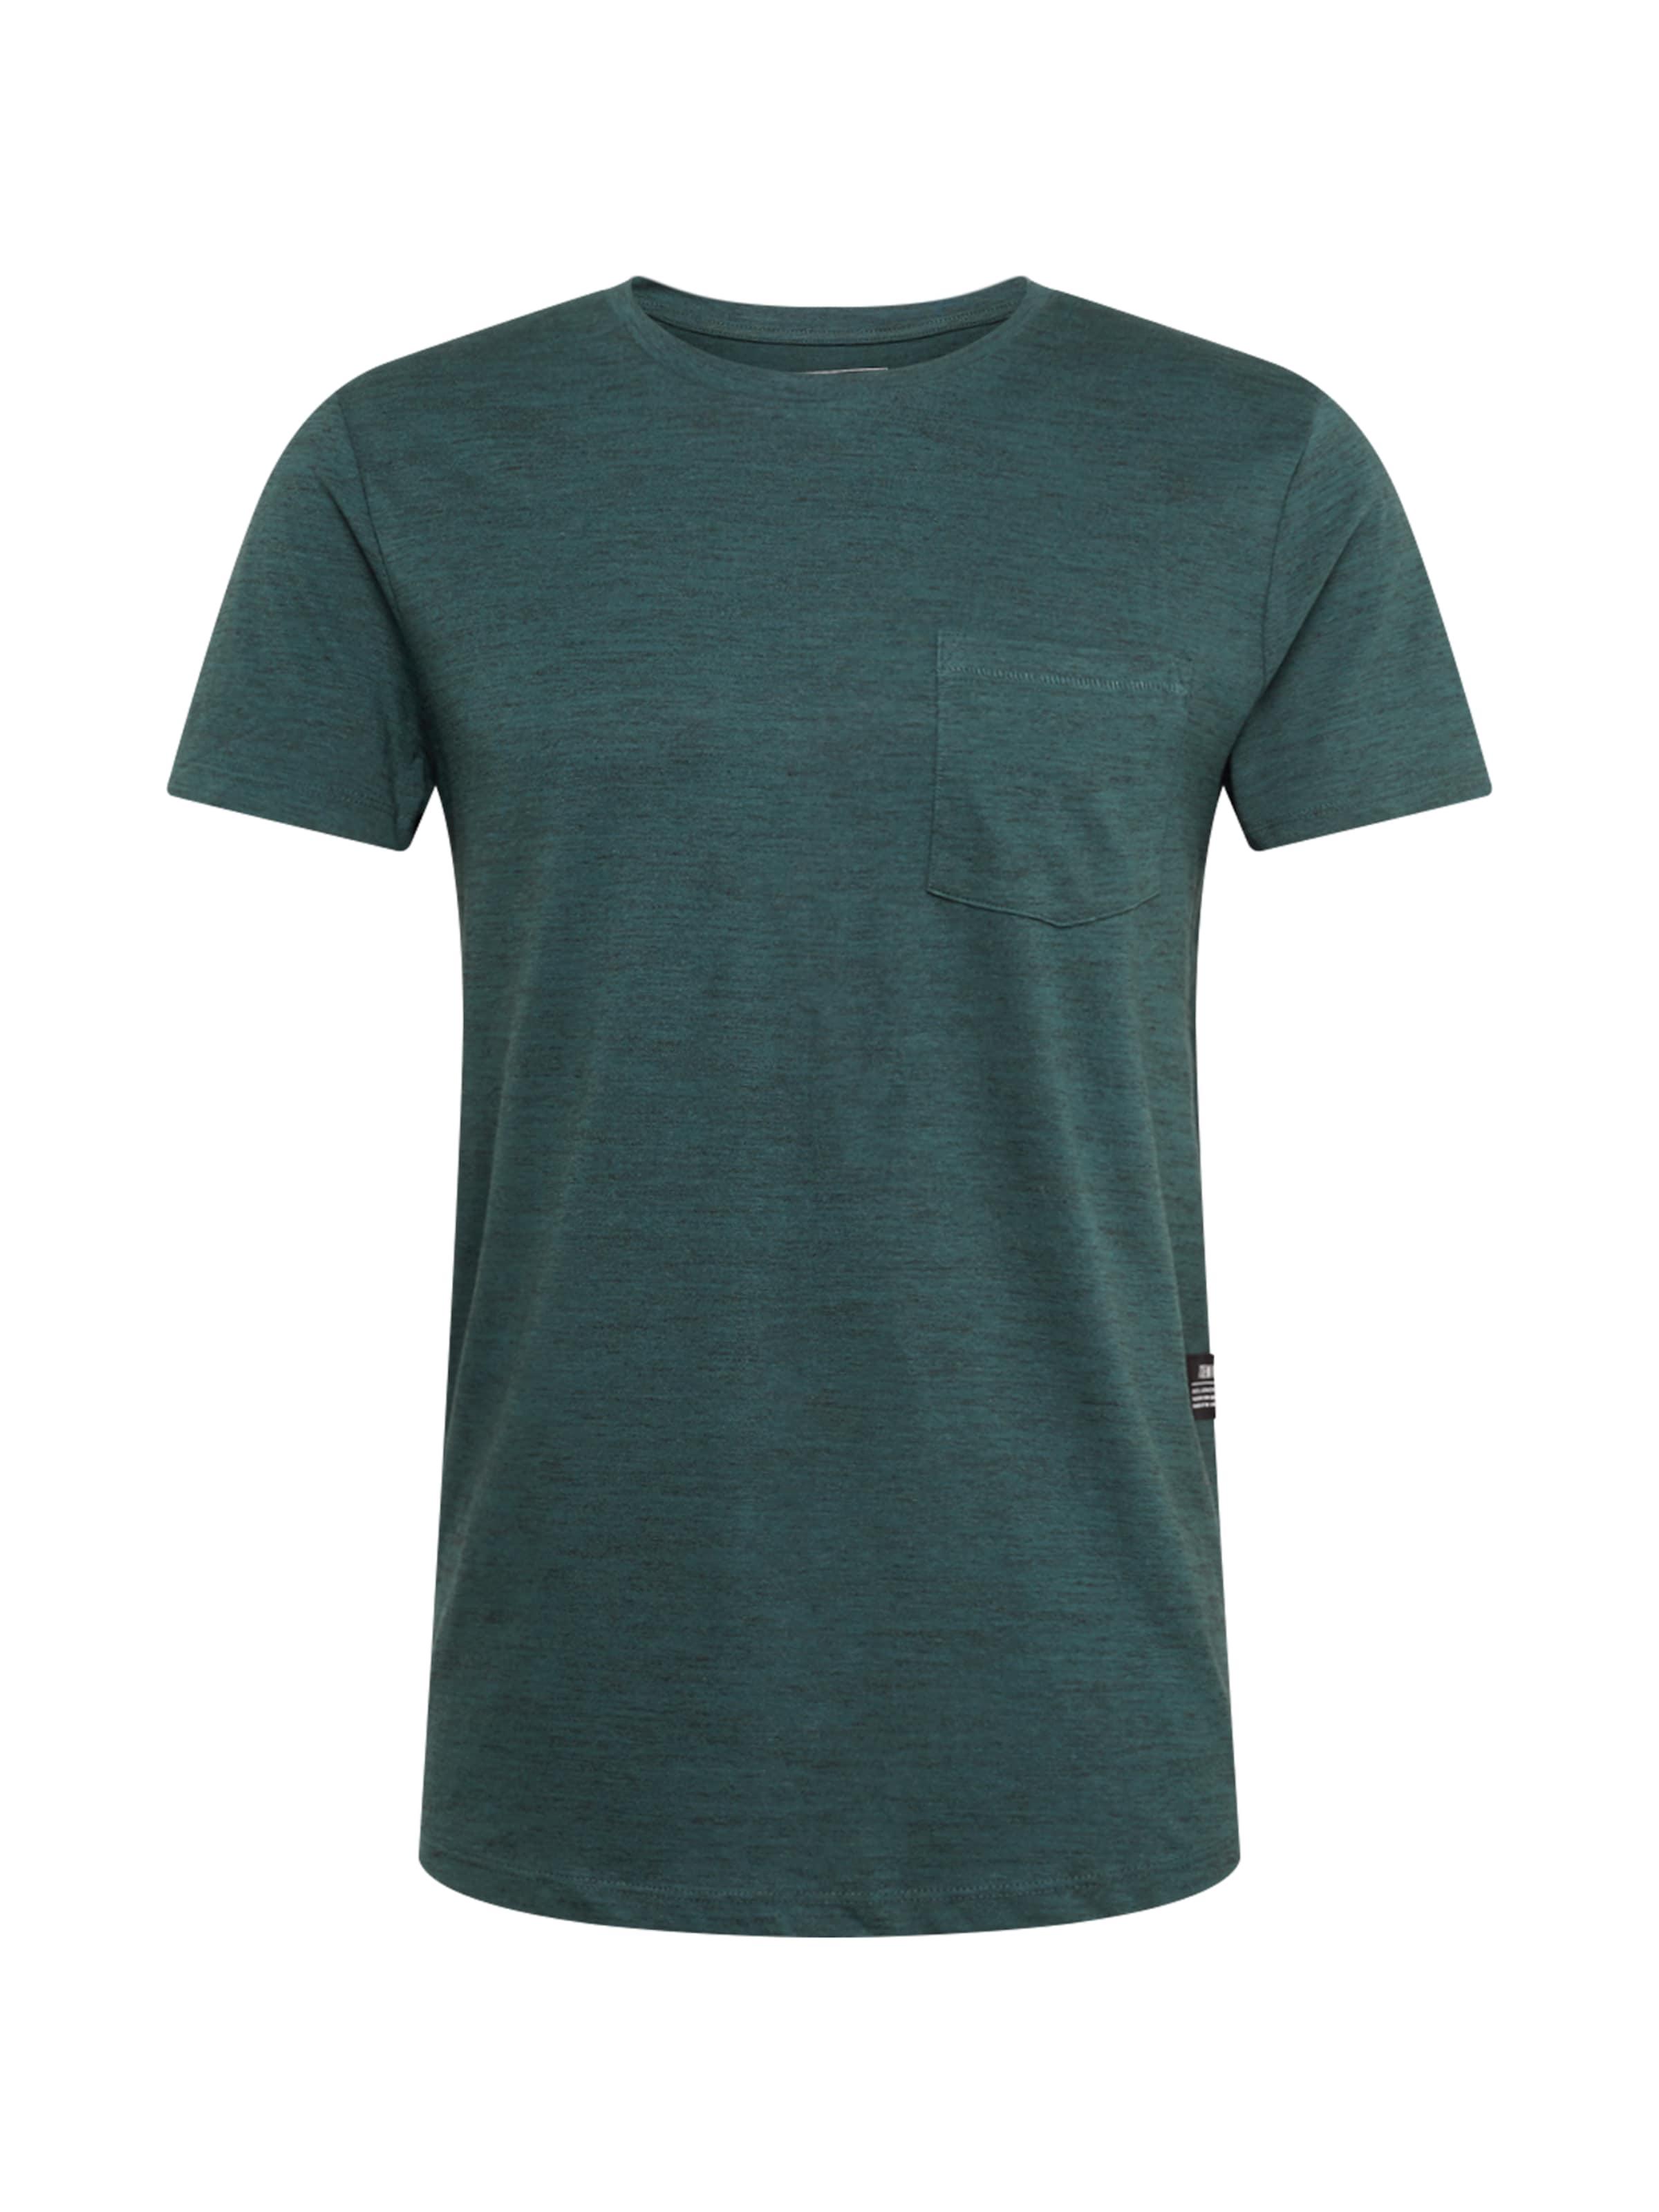 In Denim Dunkelgrün Shirt Tailor Tom lFcJK1